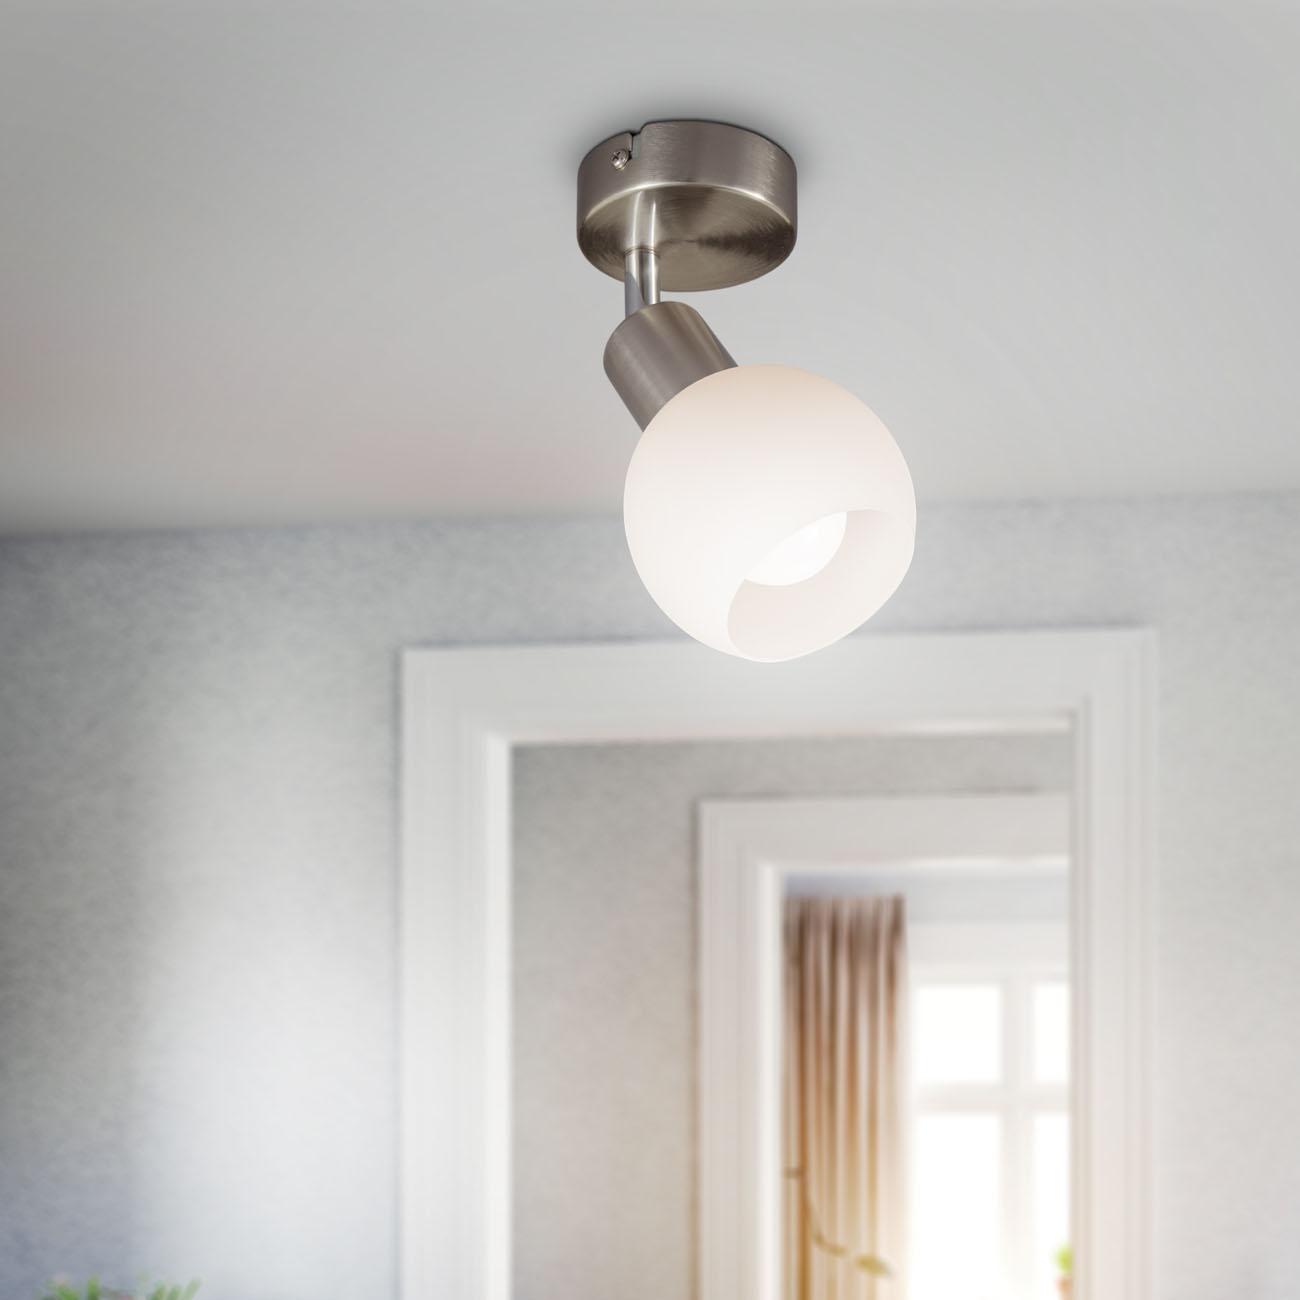 LED Deckenstrahler Deckenspot mit Opalglas - 5